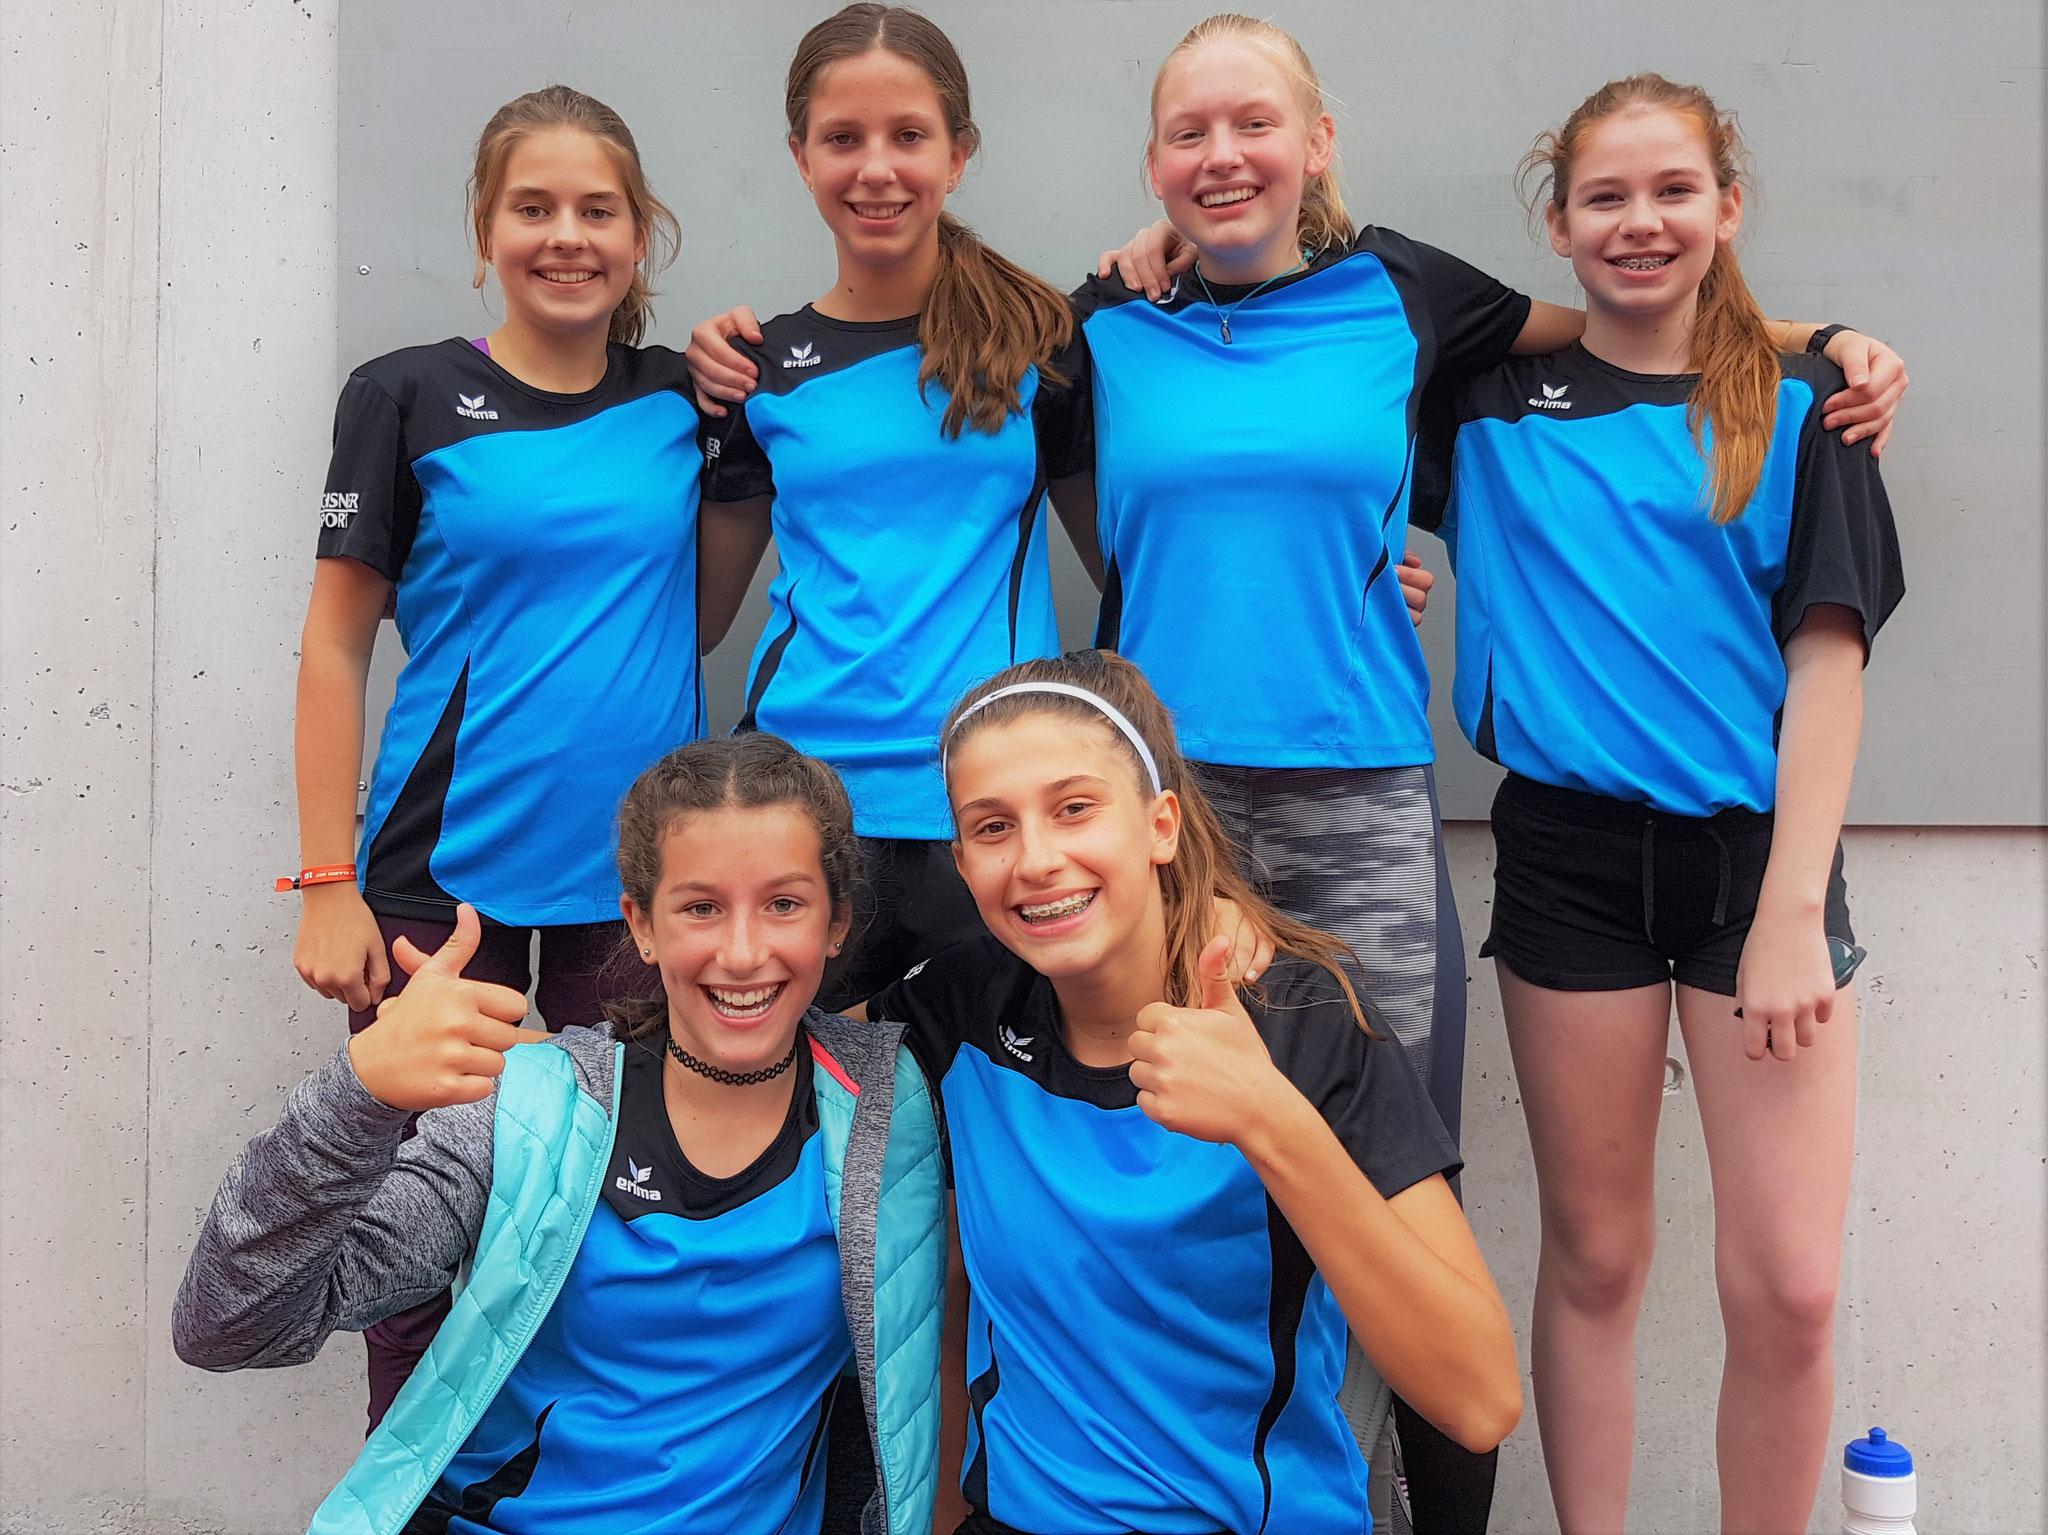 Sept. 17: Die freudig überraschten Siegerinnen im Leichtathletik aus dem Oberstufenzentrum Näfels